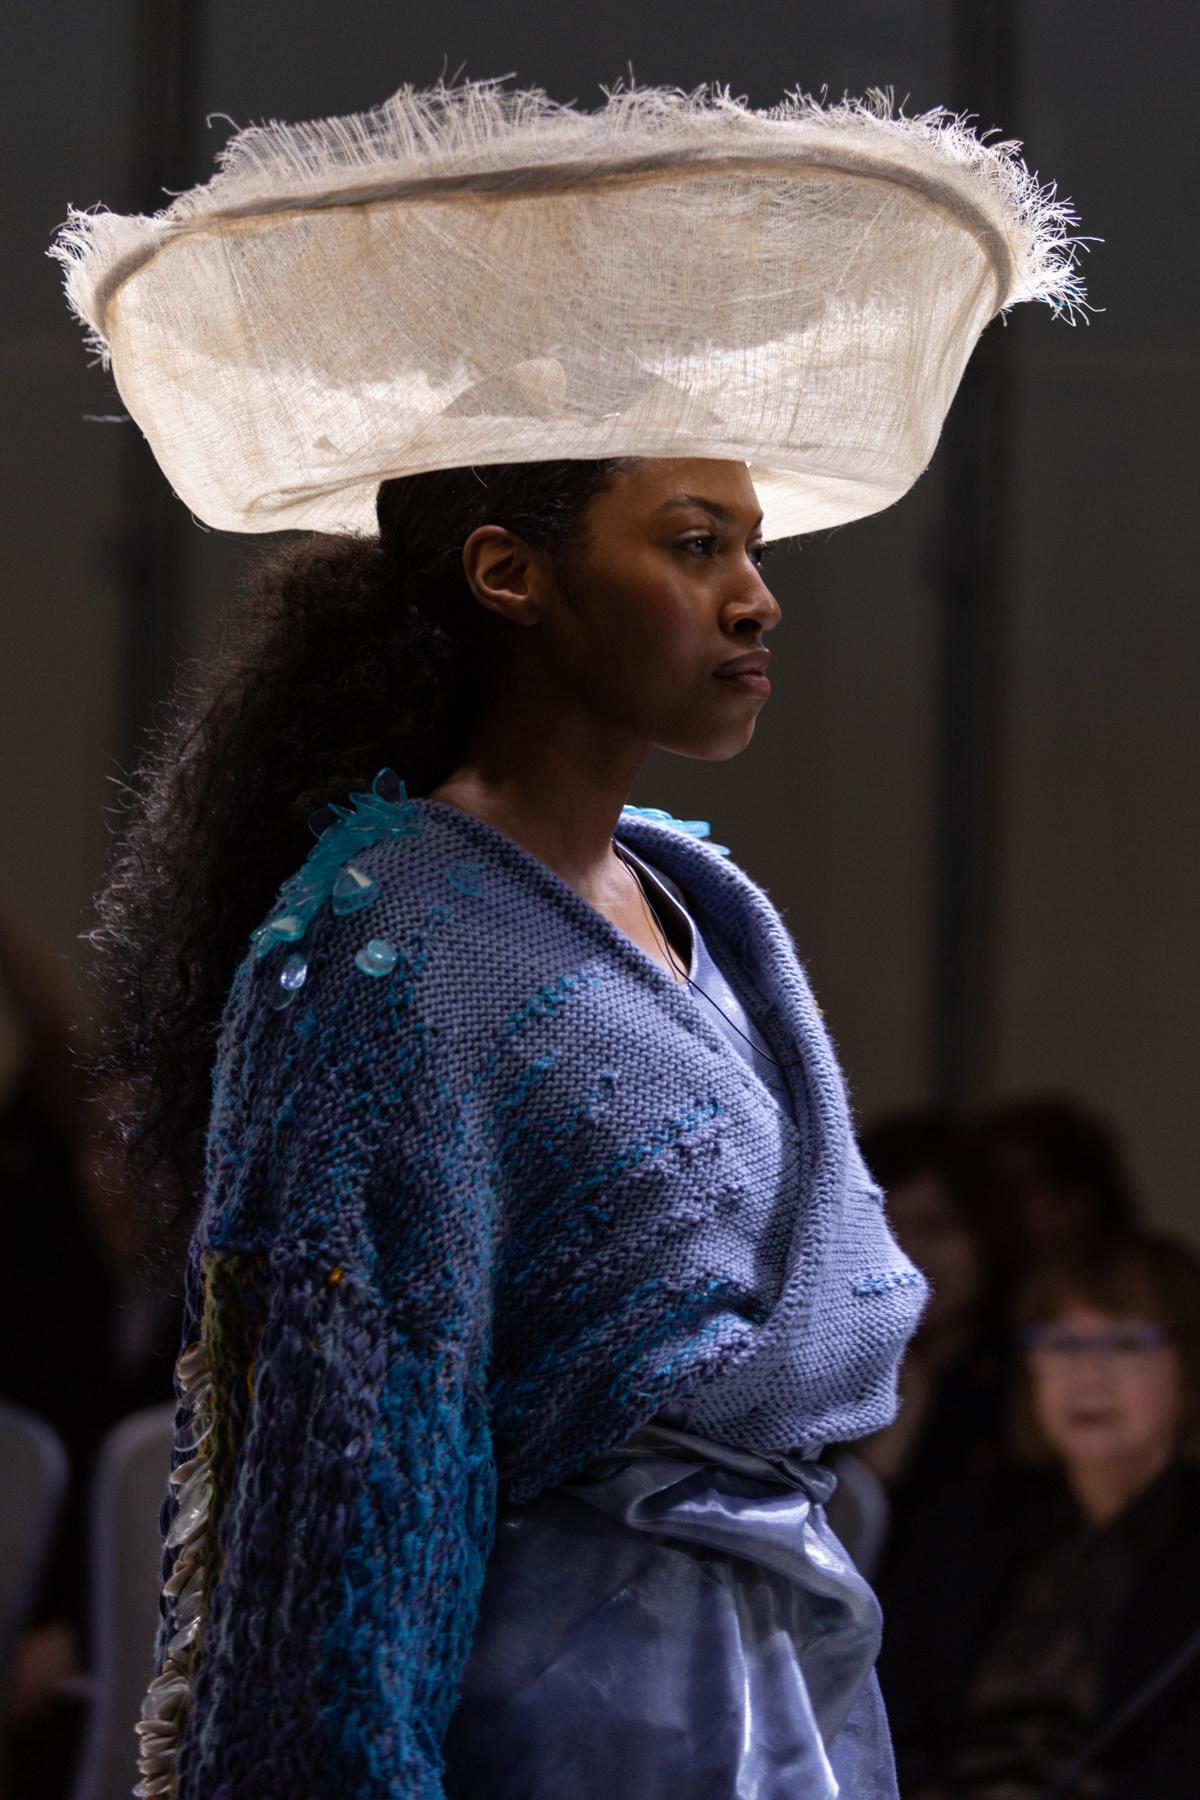 connor_fenwick_saic_fashion_event_adrean_01.jpg